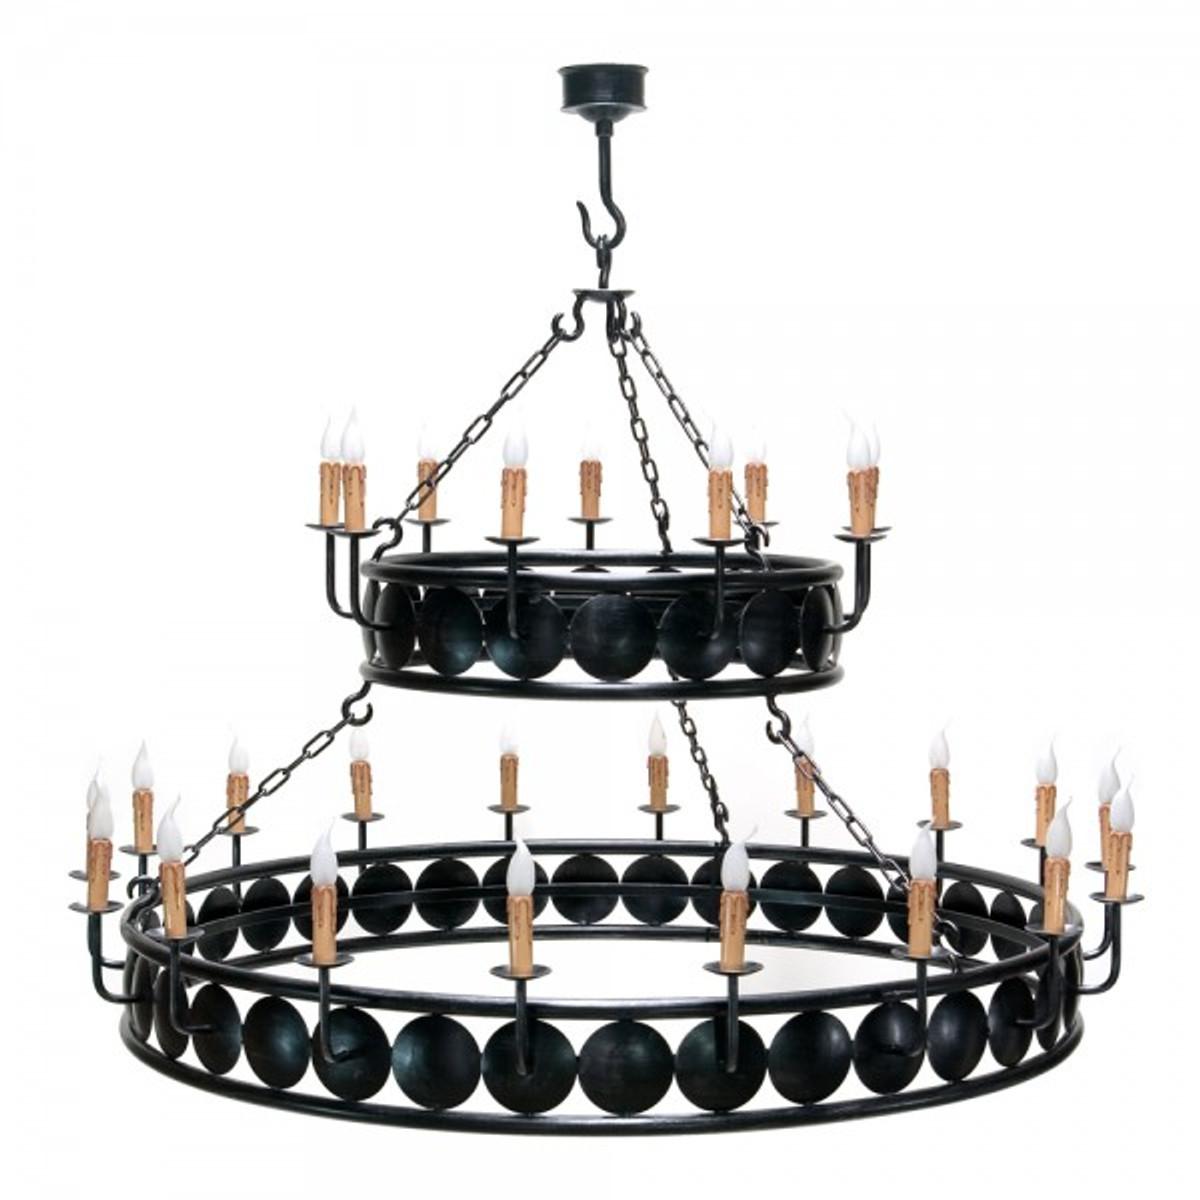 Casa Padrino Barock Schmiedeeisen Kronleuchter 27 Flammig Hängeleuchte  Lüster Hängelampe Deckenlampe Burg Schloss Leuchter U2013